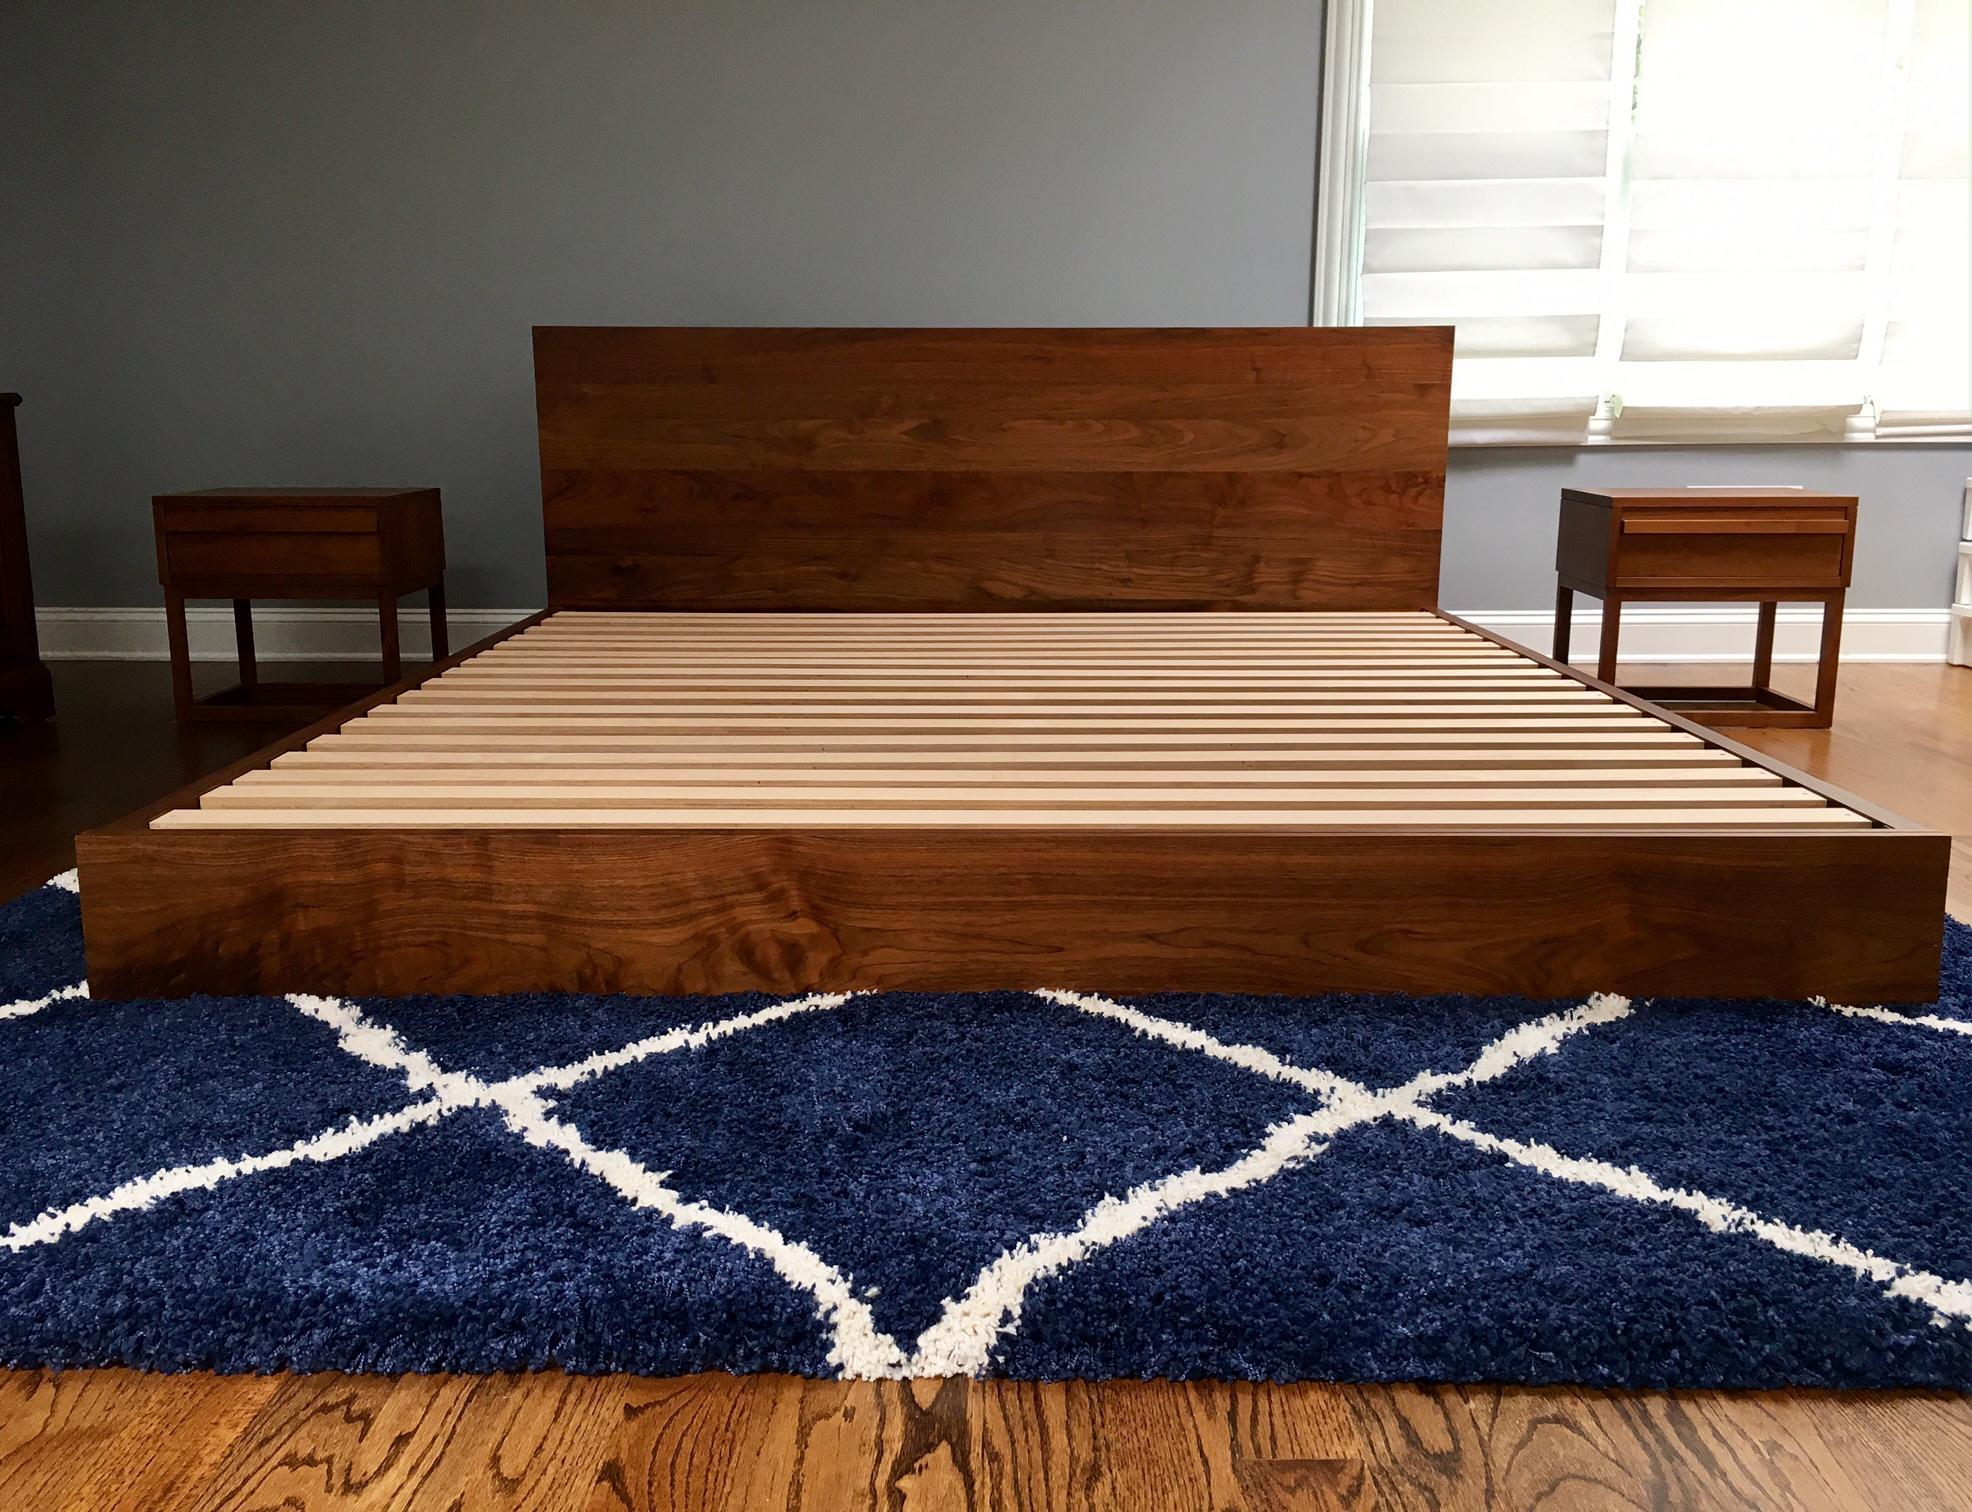 Modern Platform Atlantico Walnut Bed By De La Espada   Image 6 Of 6